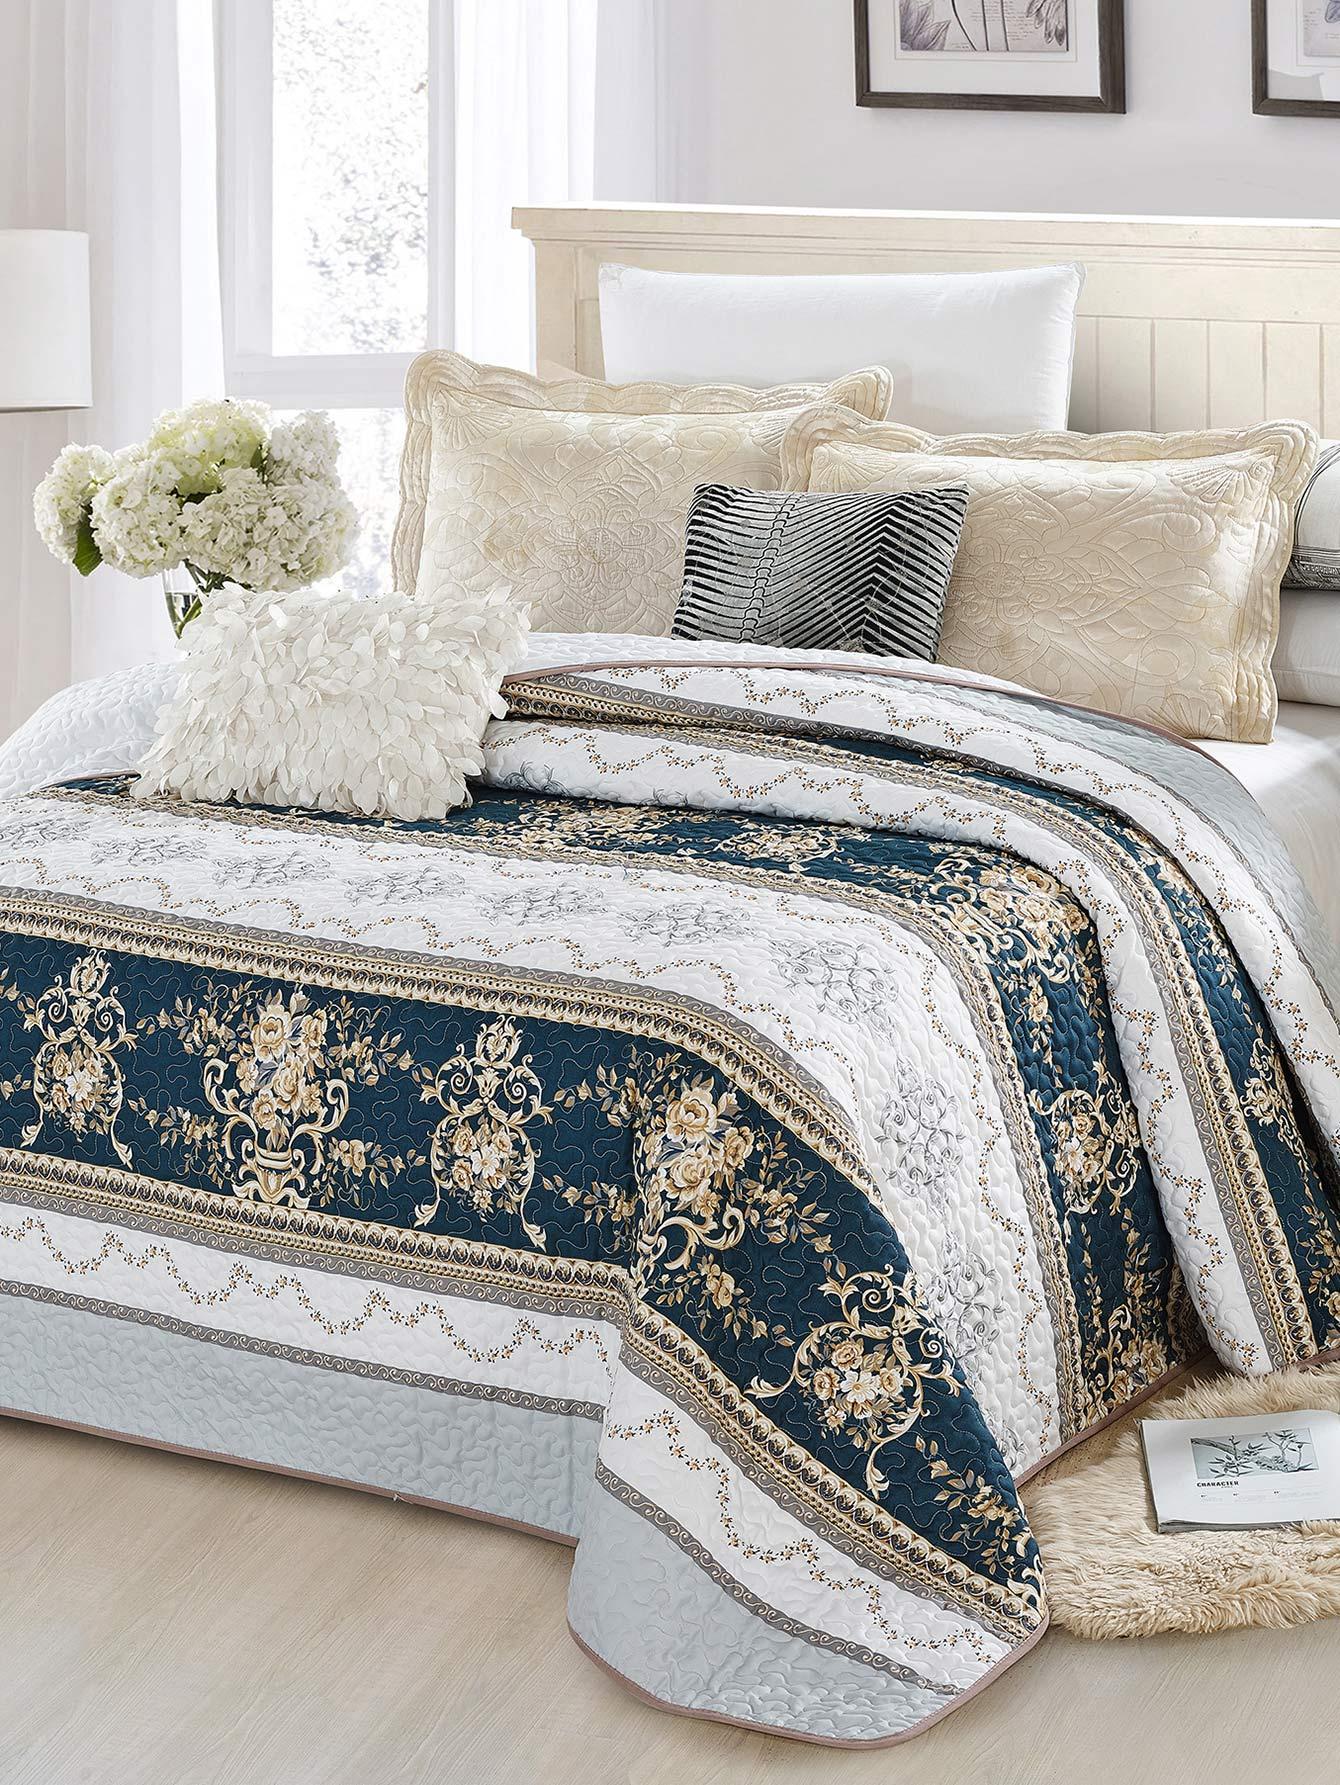 couvre lit imprim fleur et rayure french shein sheinside. Black Bedroom Furniture Sets. Home Design Ideas